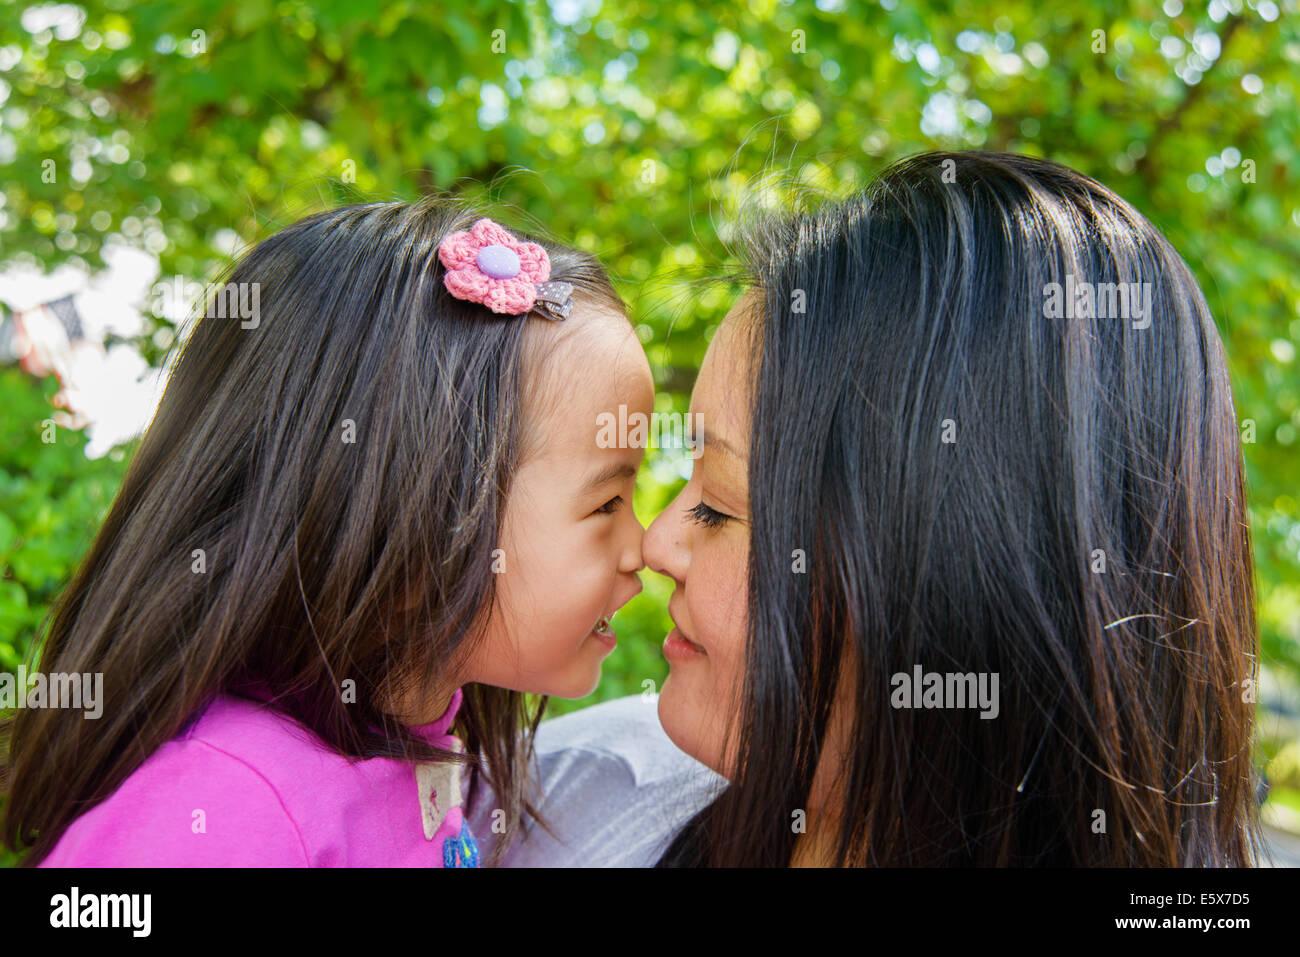 Retrato de mediados de adulto y niño niña madre nariz a nariz Imagen De Stock